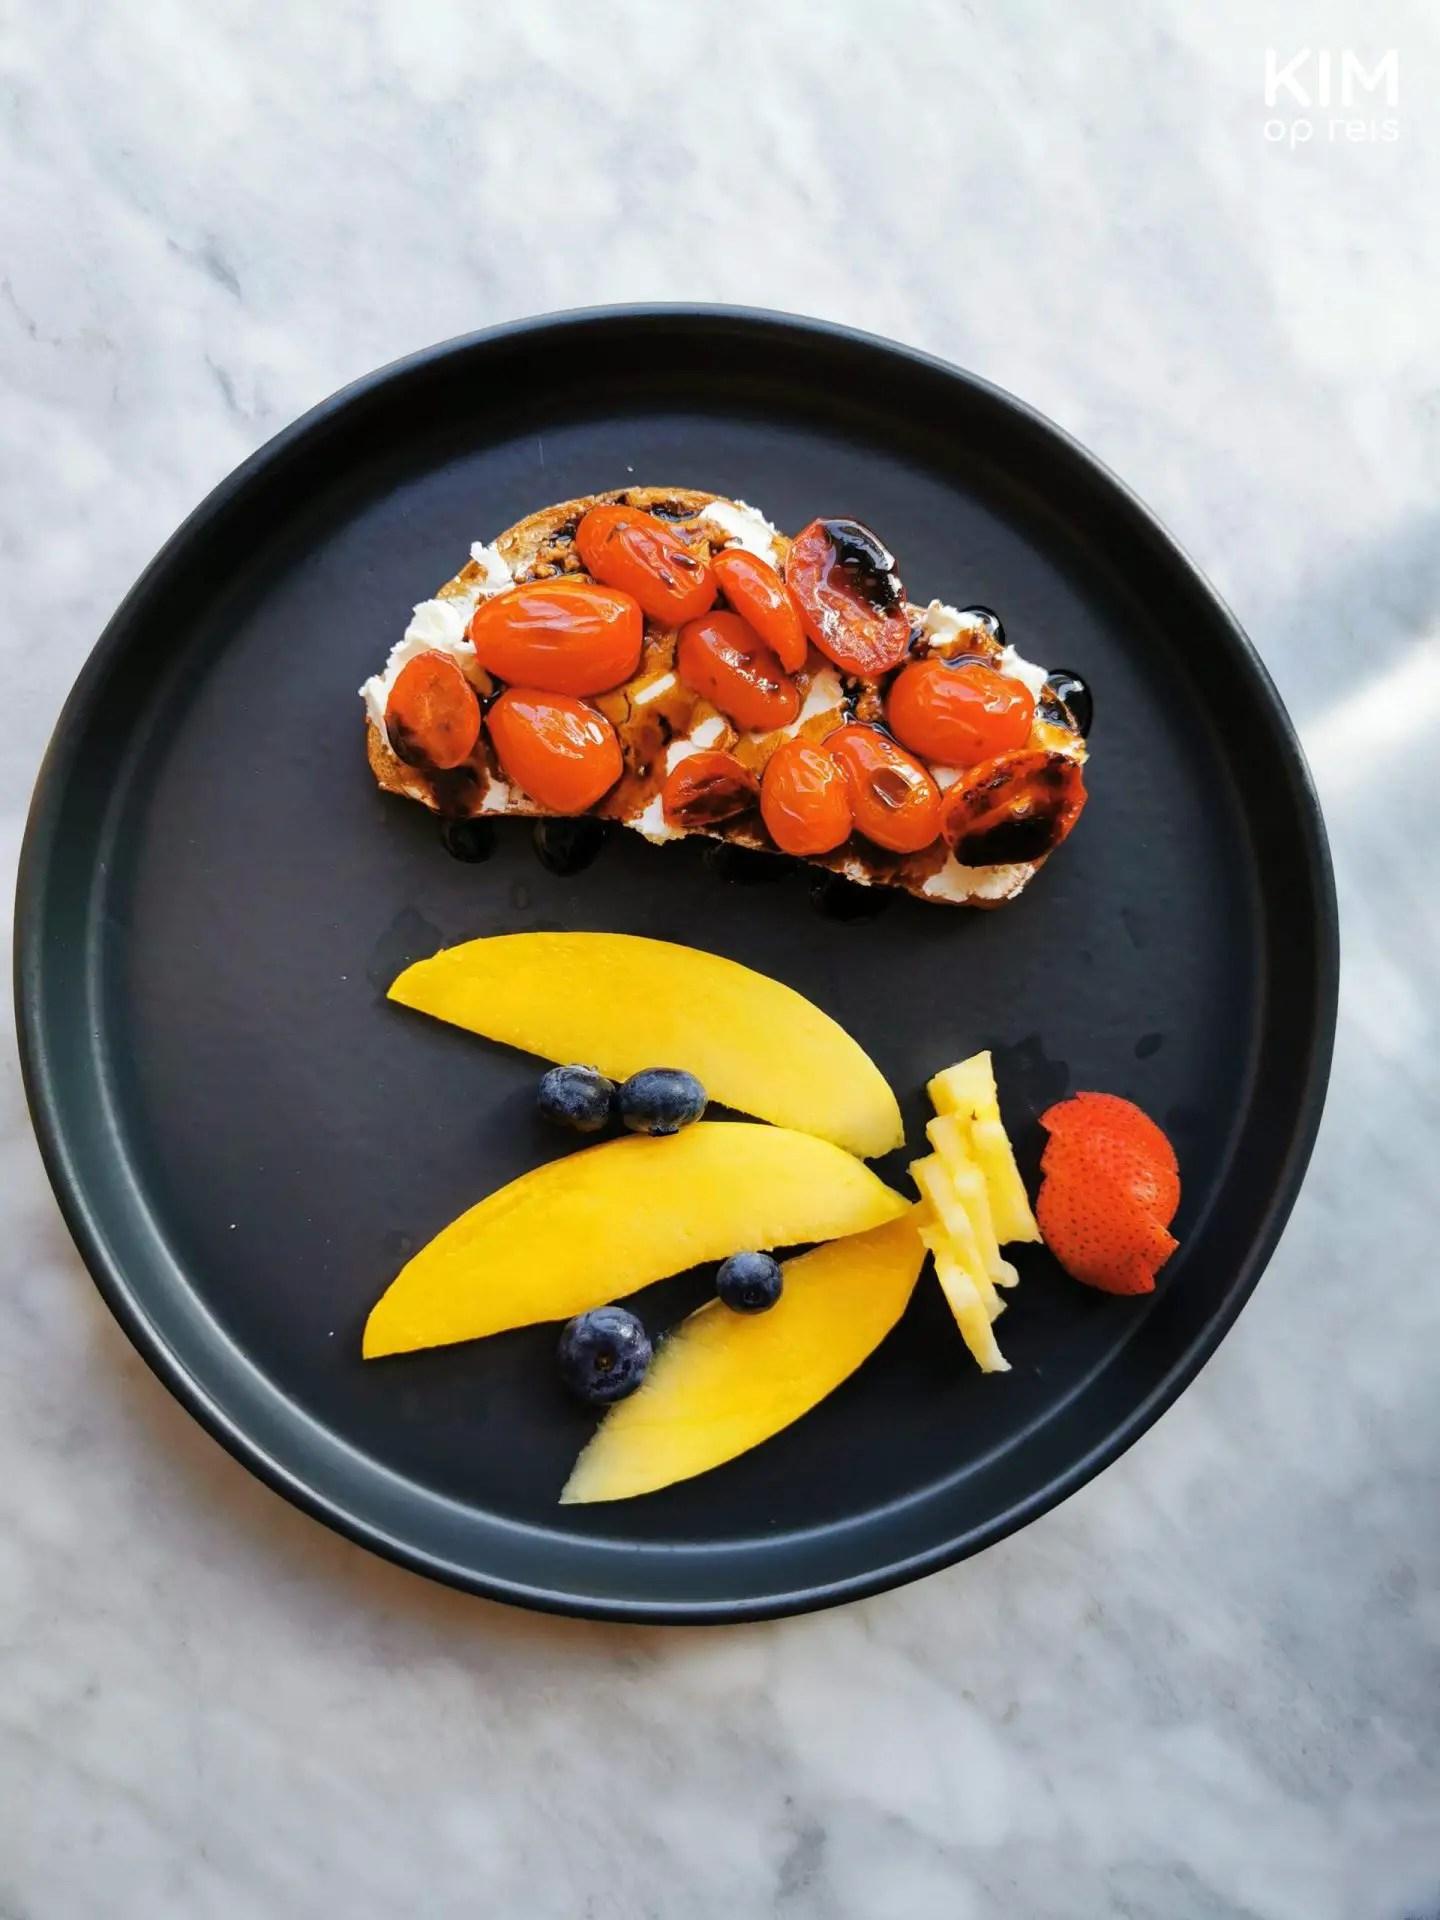 Ontbijten in Mérida: donker bord op een marmer ondergrond. Op het bord ligt een toast met witte kaas en tomaatjes en ernaast een garnering van fruit